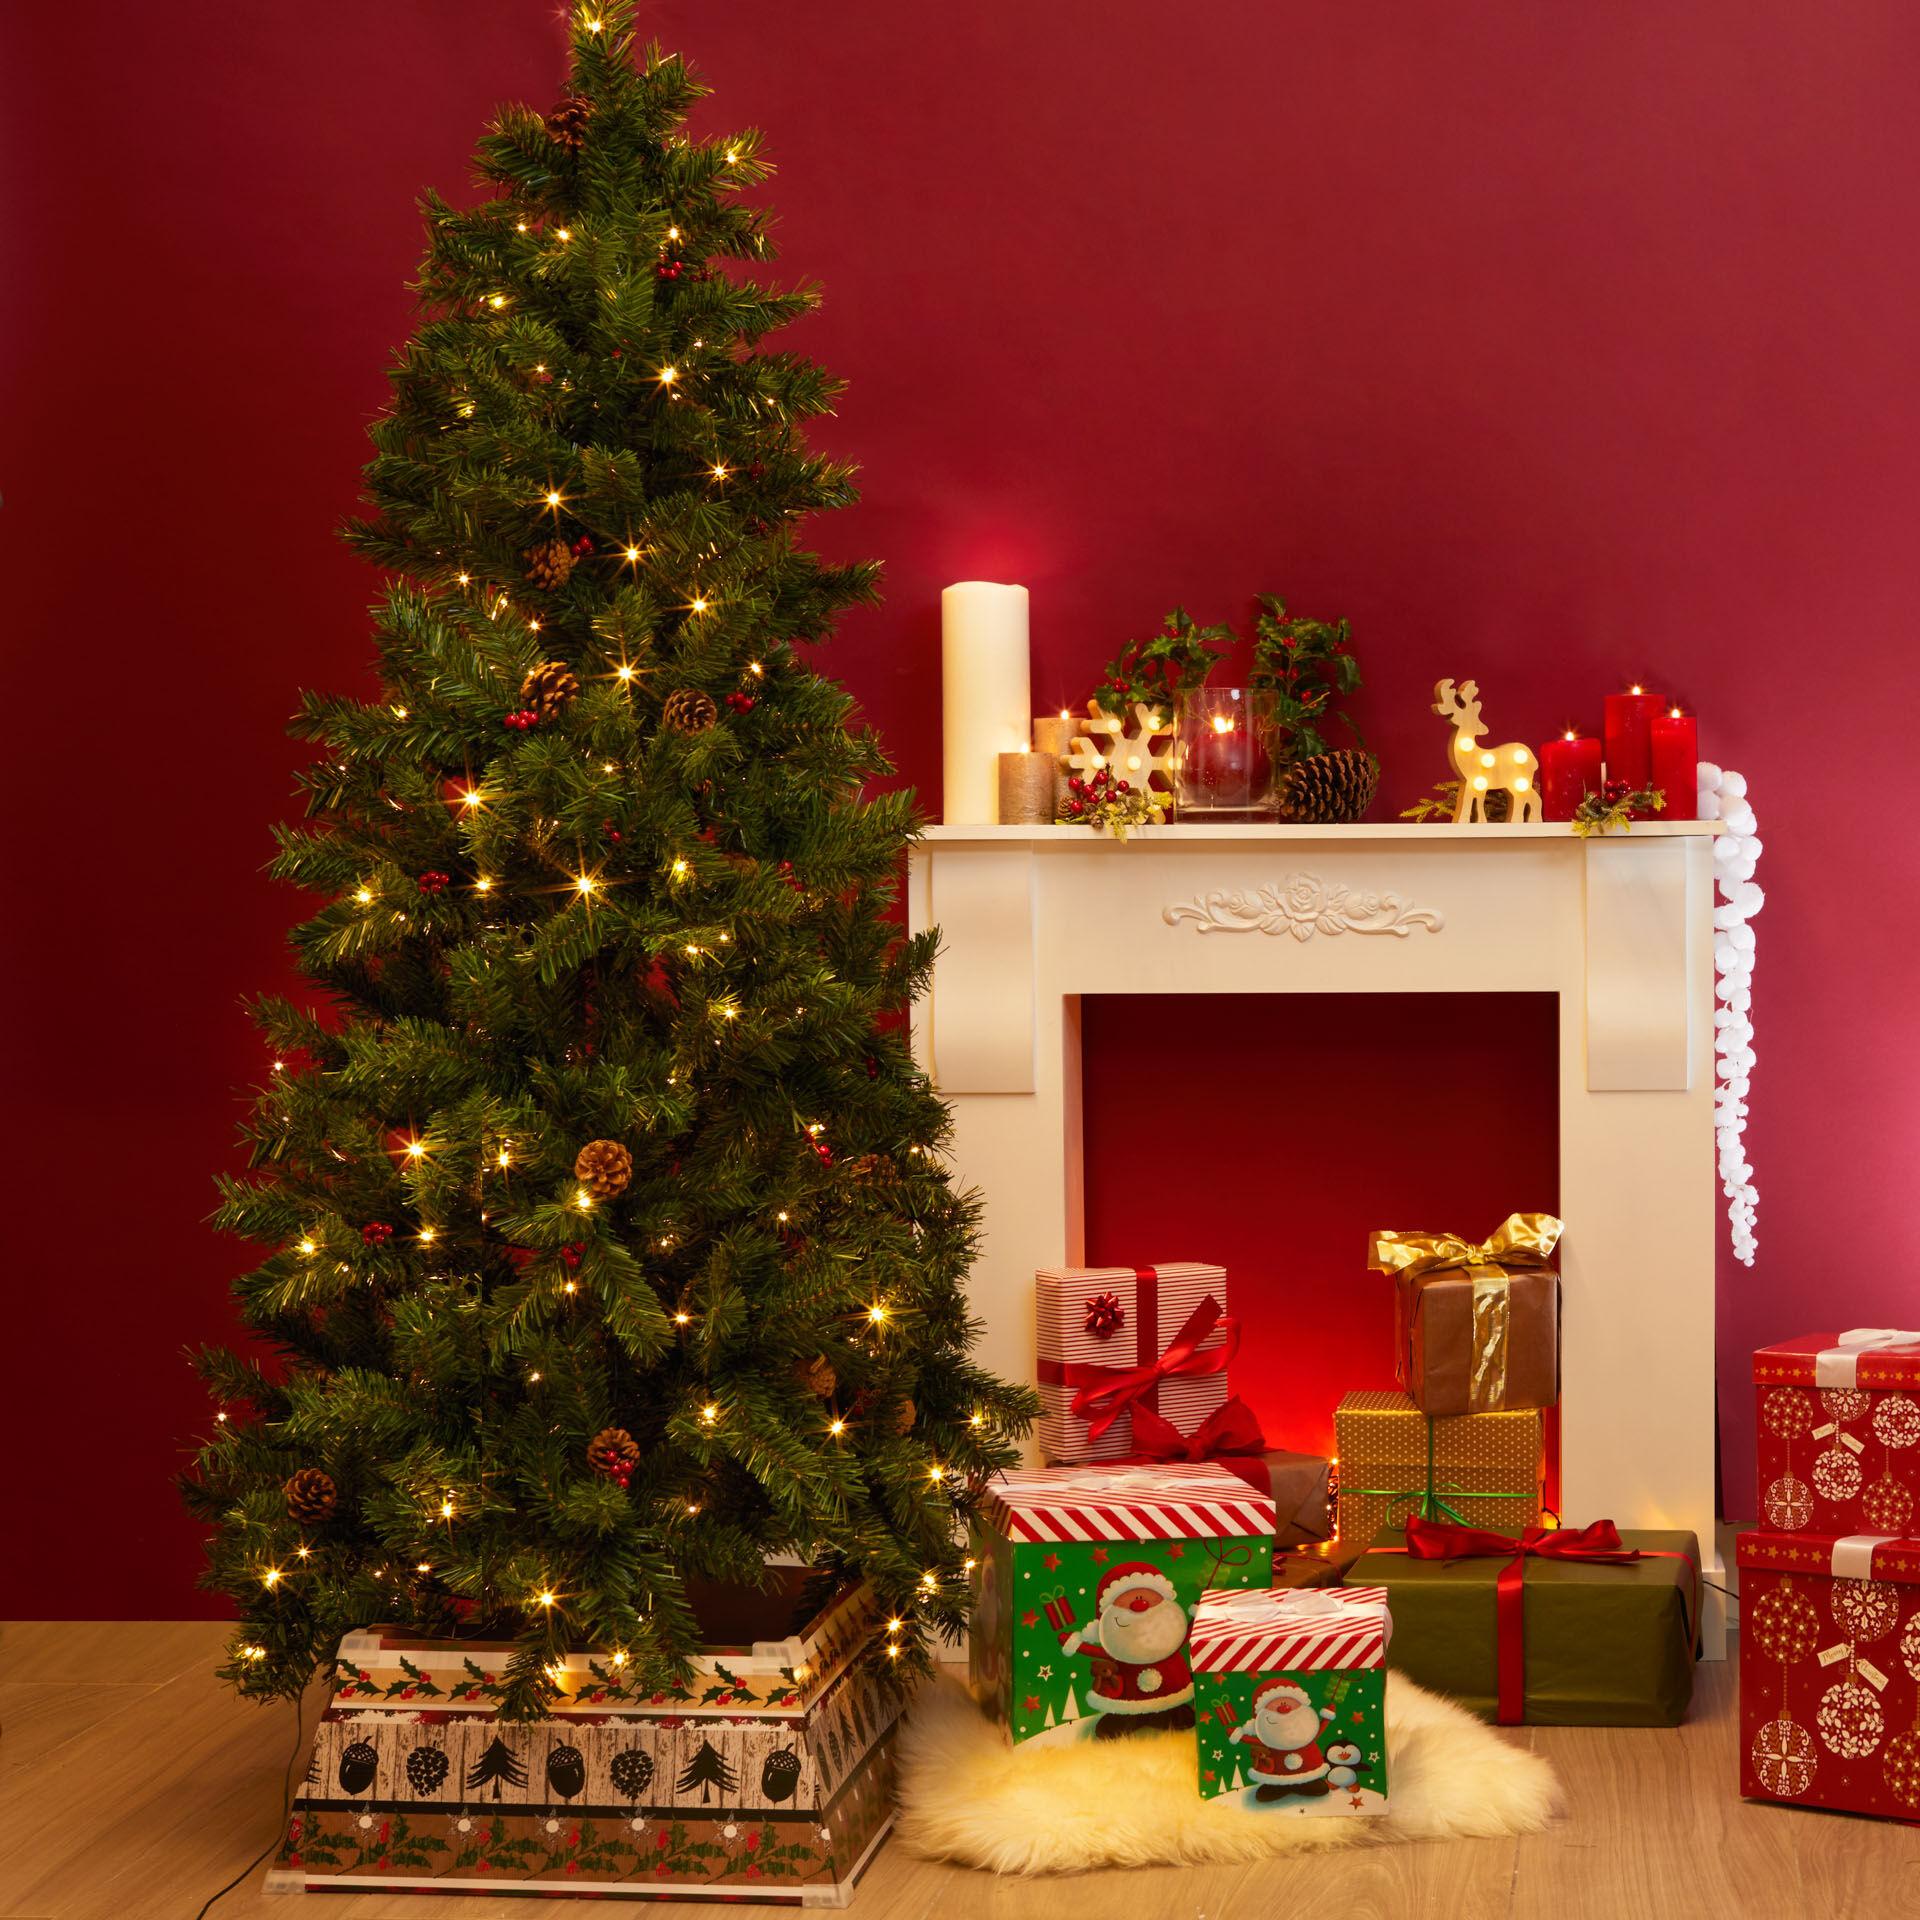 Sapin de Noël avec lumières, pommes de pin et baies rouges, , large